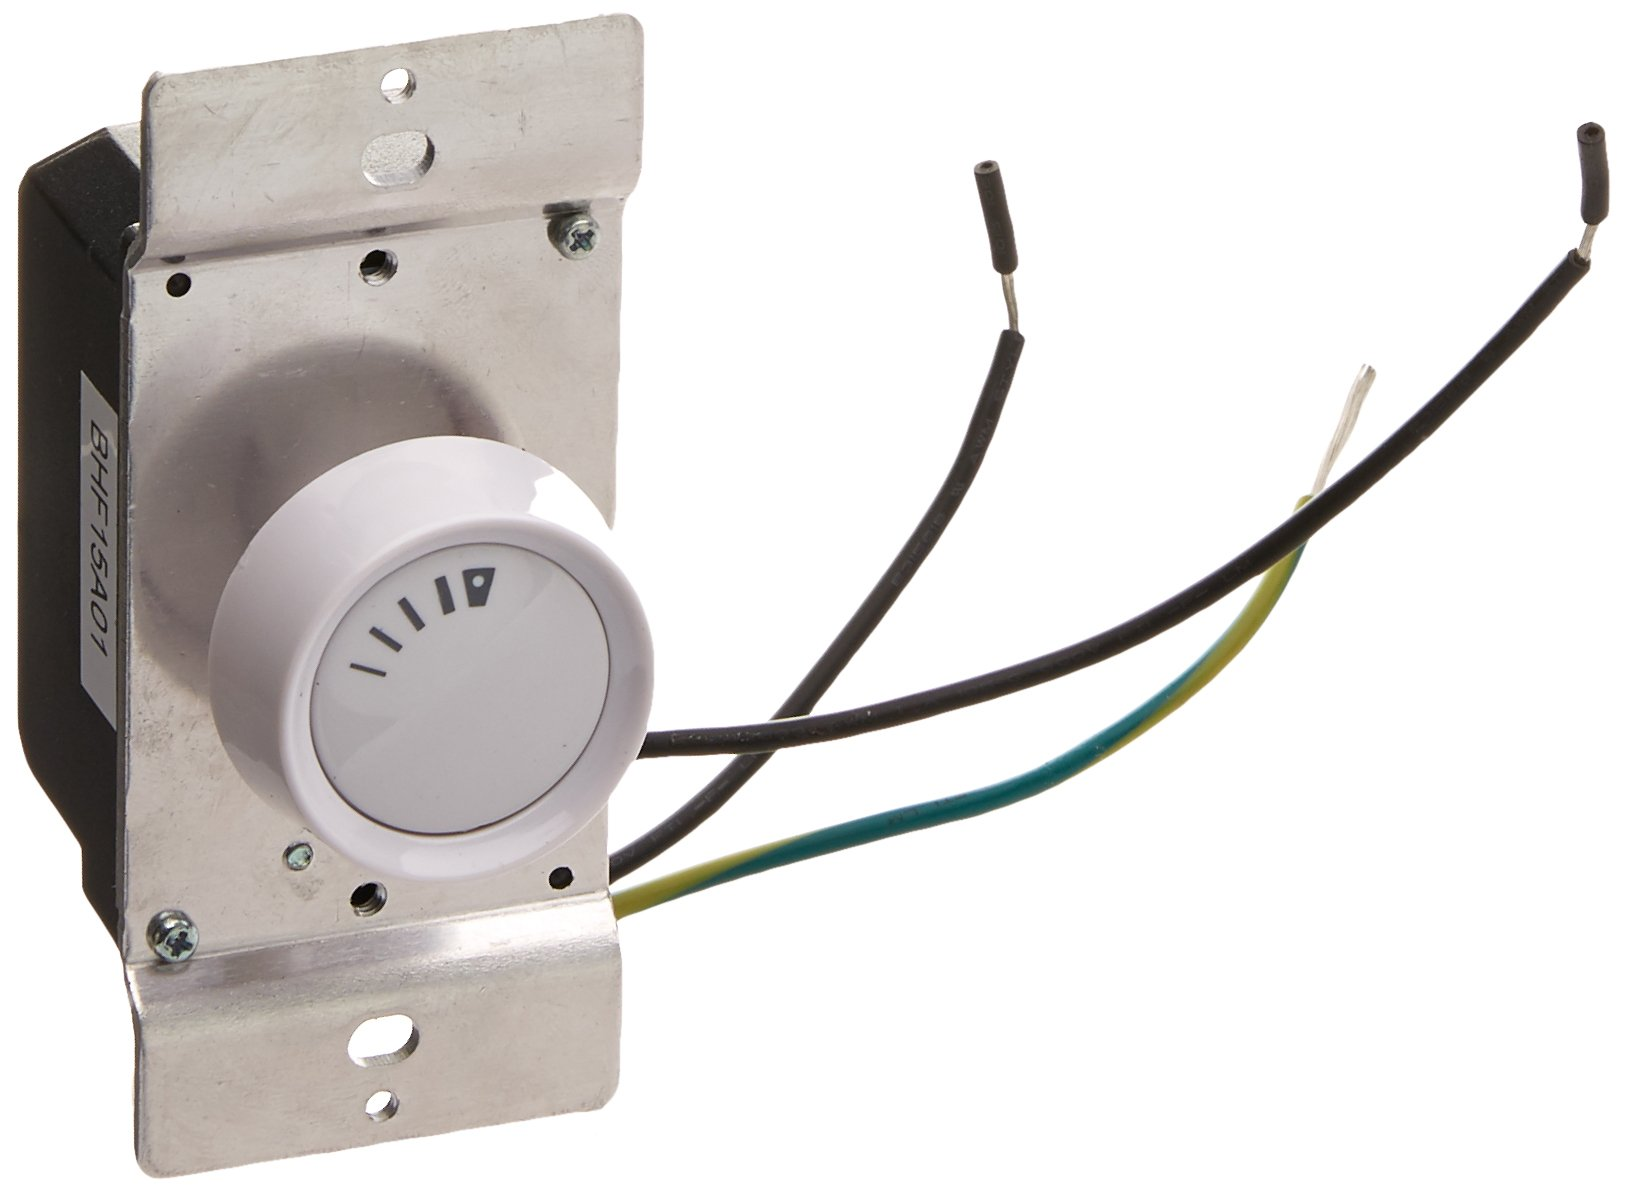 Emerson Lighting SW96 5A 4-Speed Fan Control